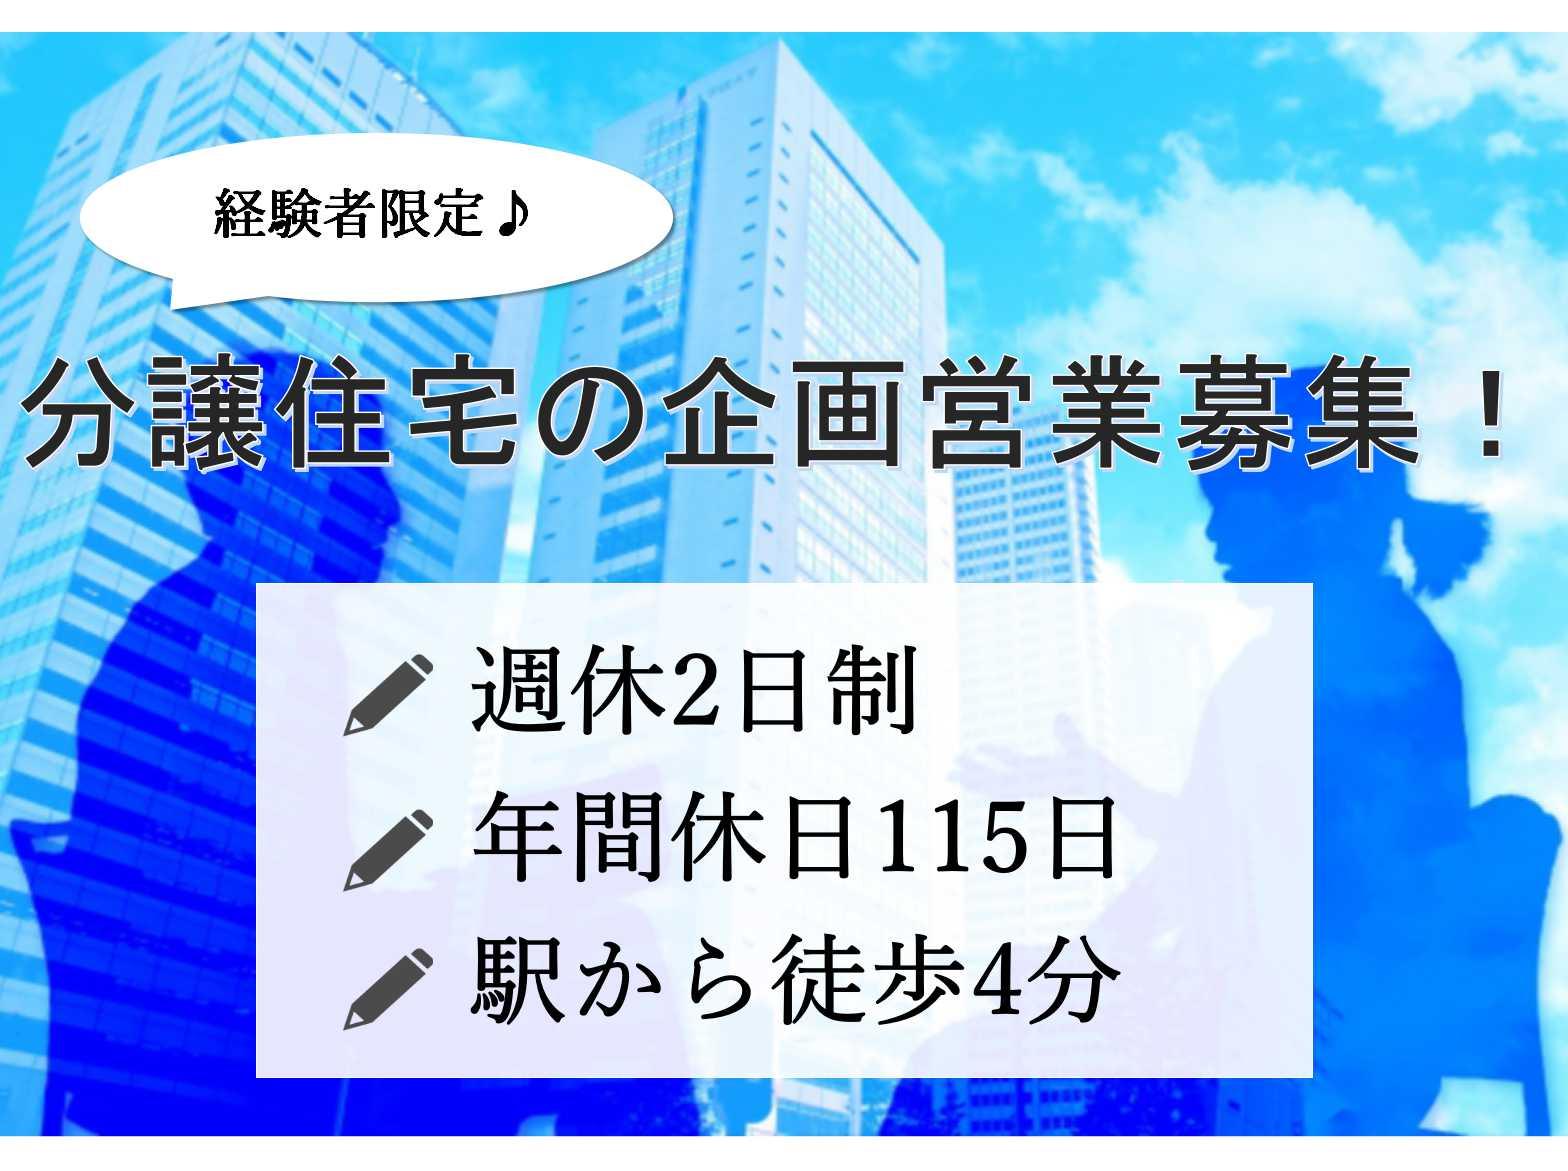 【正社員】駅から徒歩4分!手当制度充実!分譲住宅の企画営業募集! イメージ